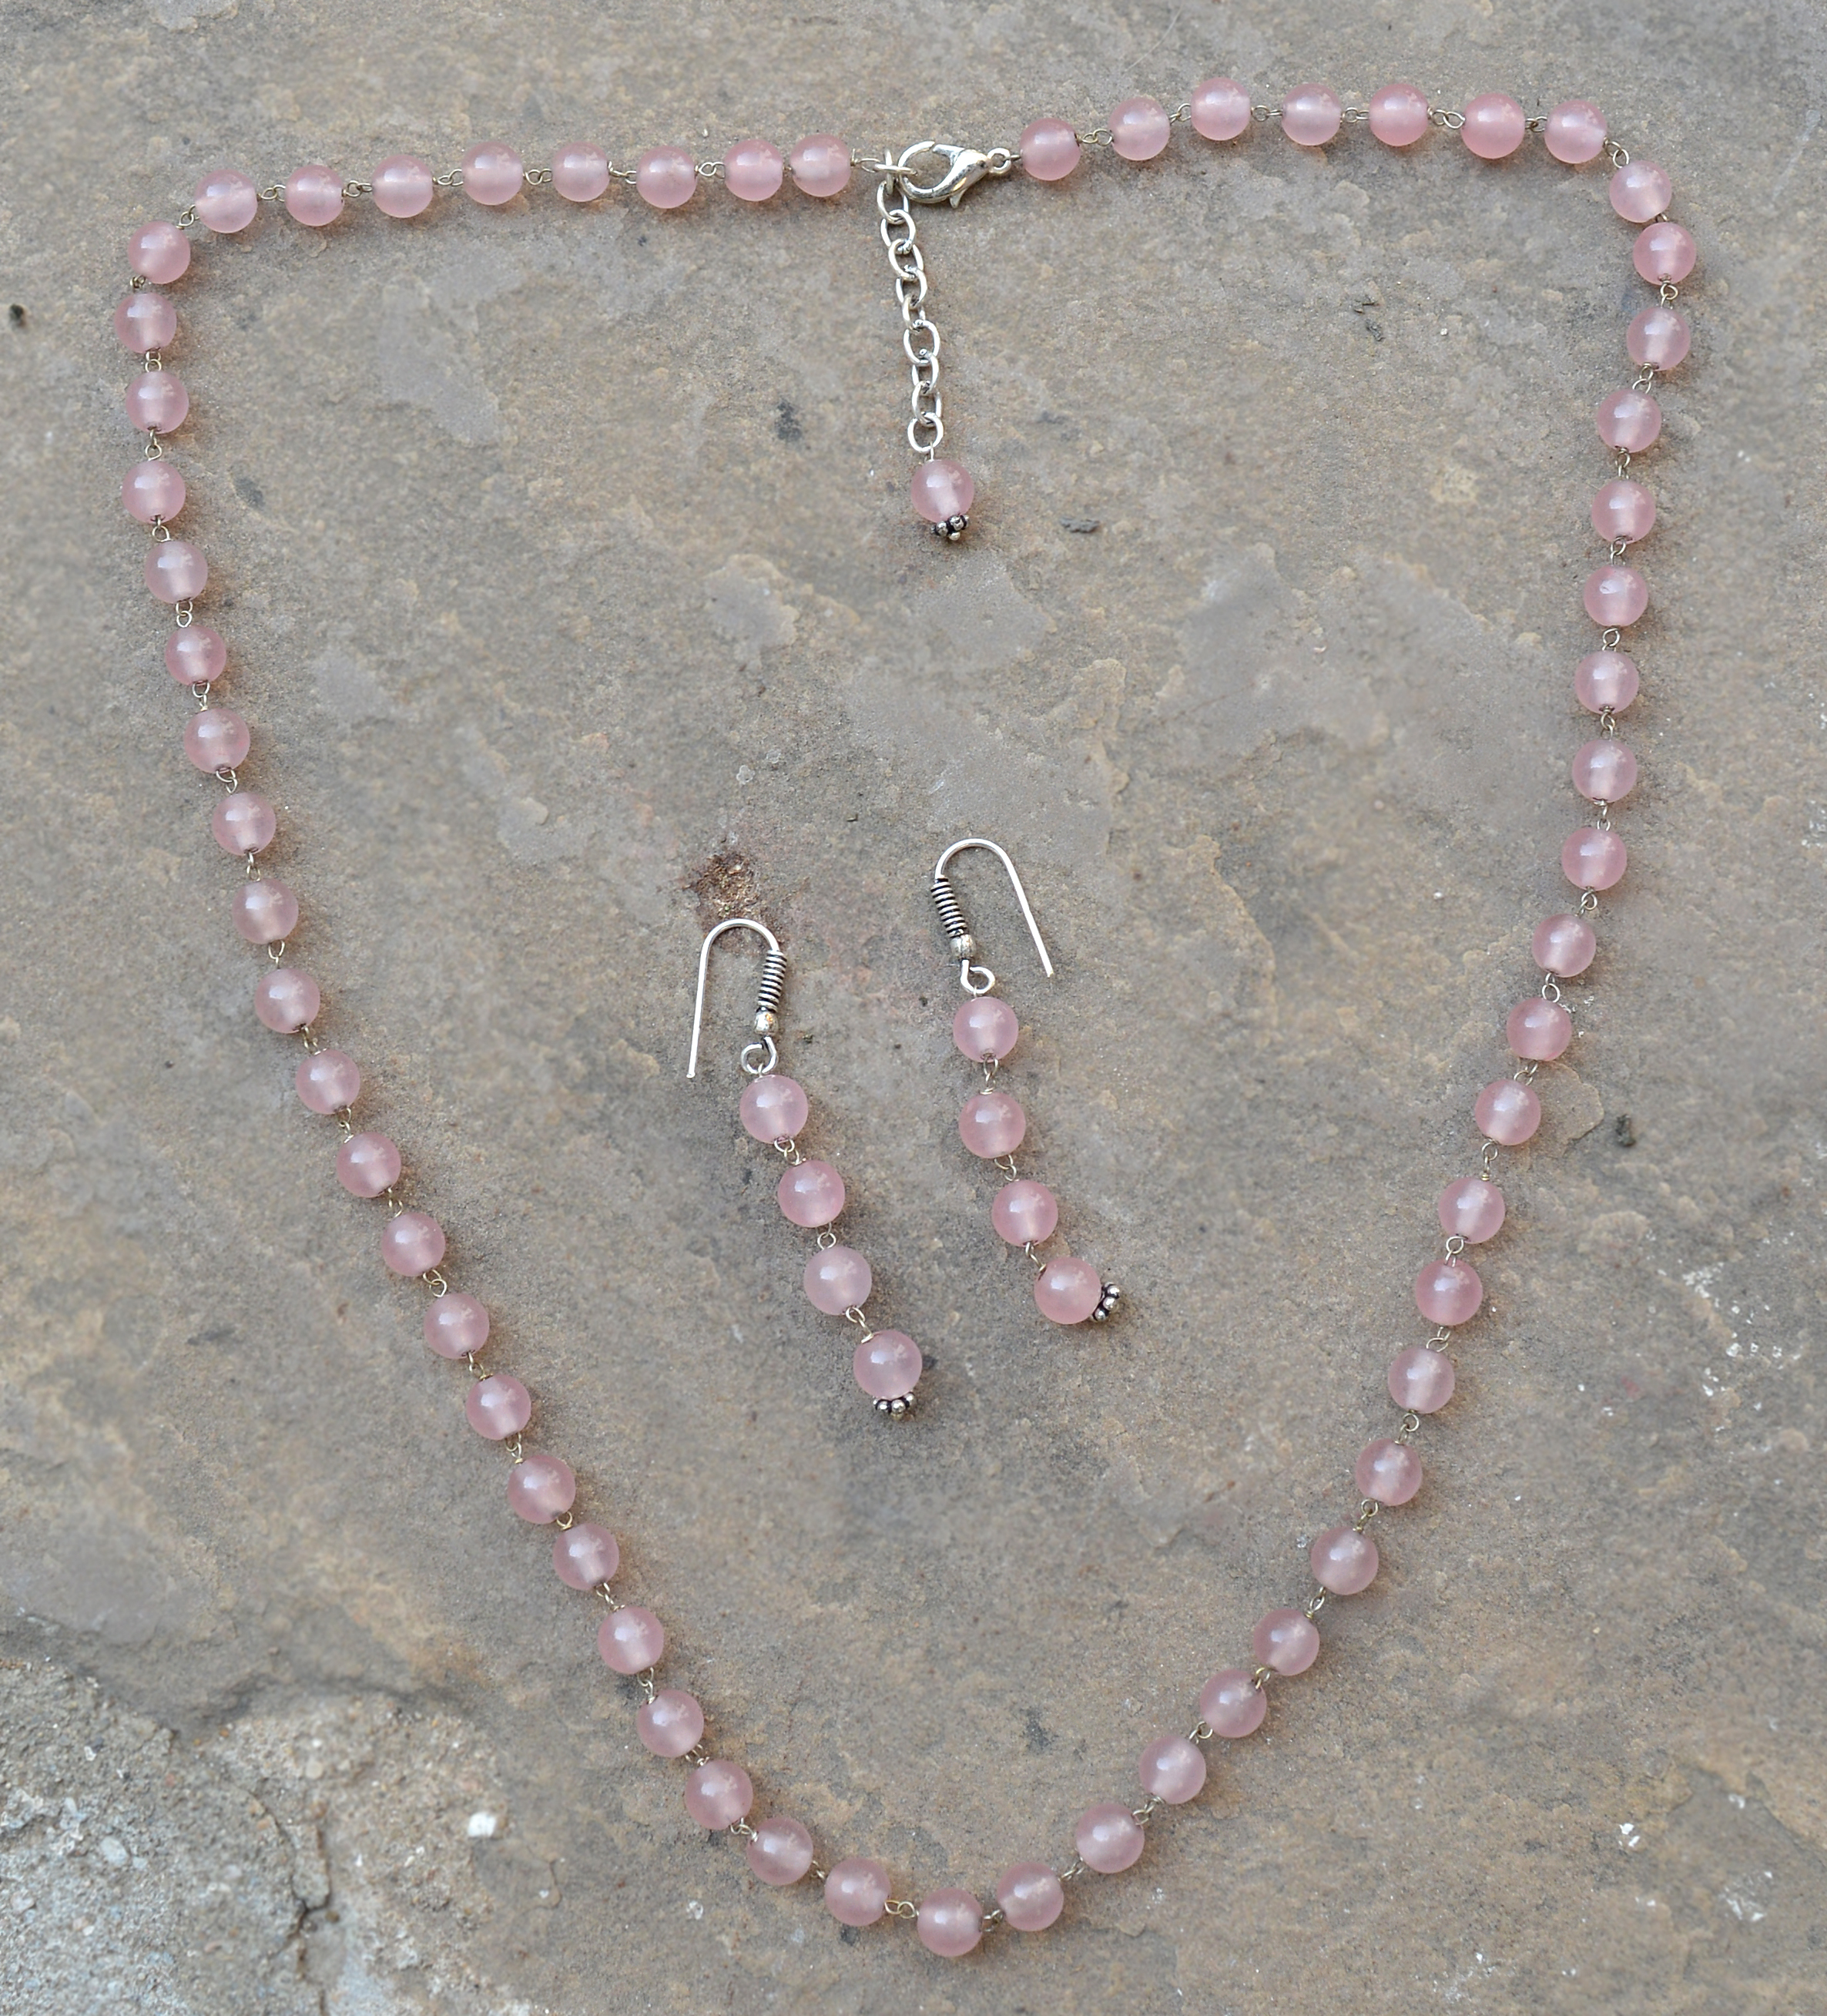 Rose Quartz Silver Necklace Set PG-156696